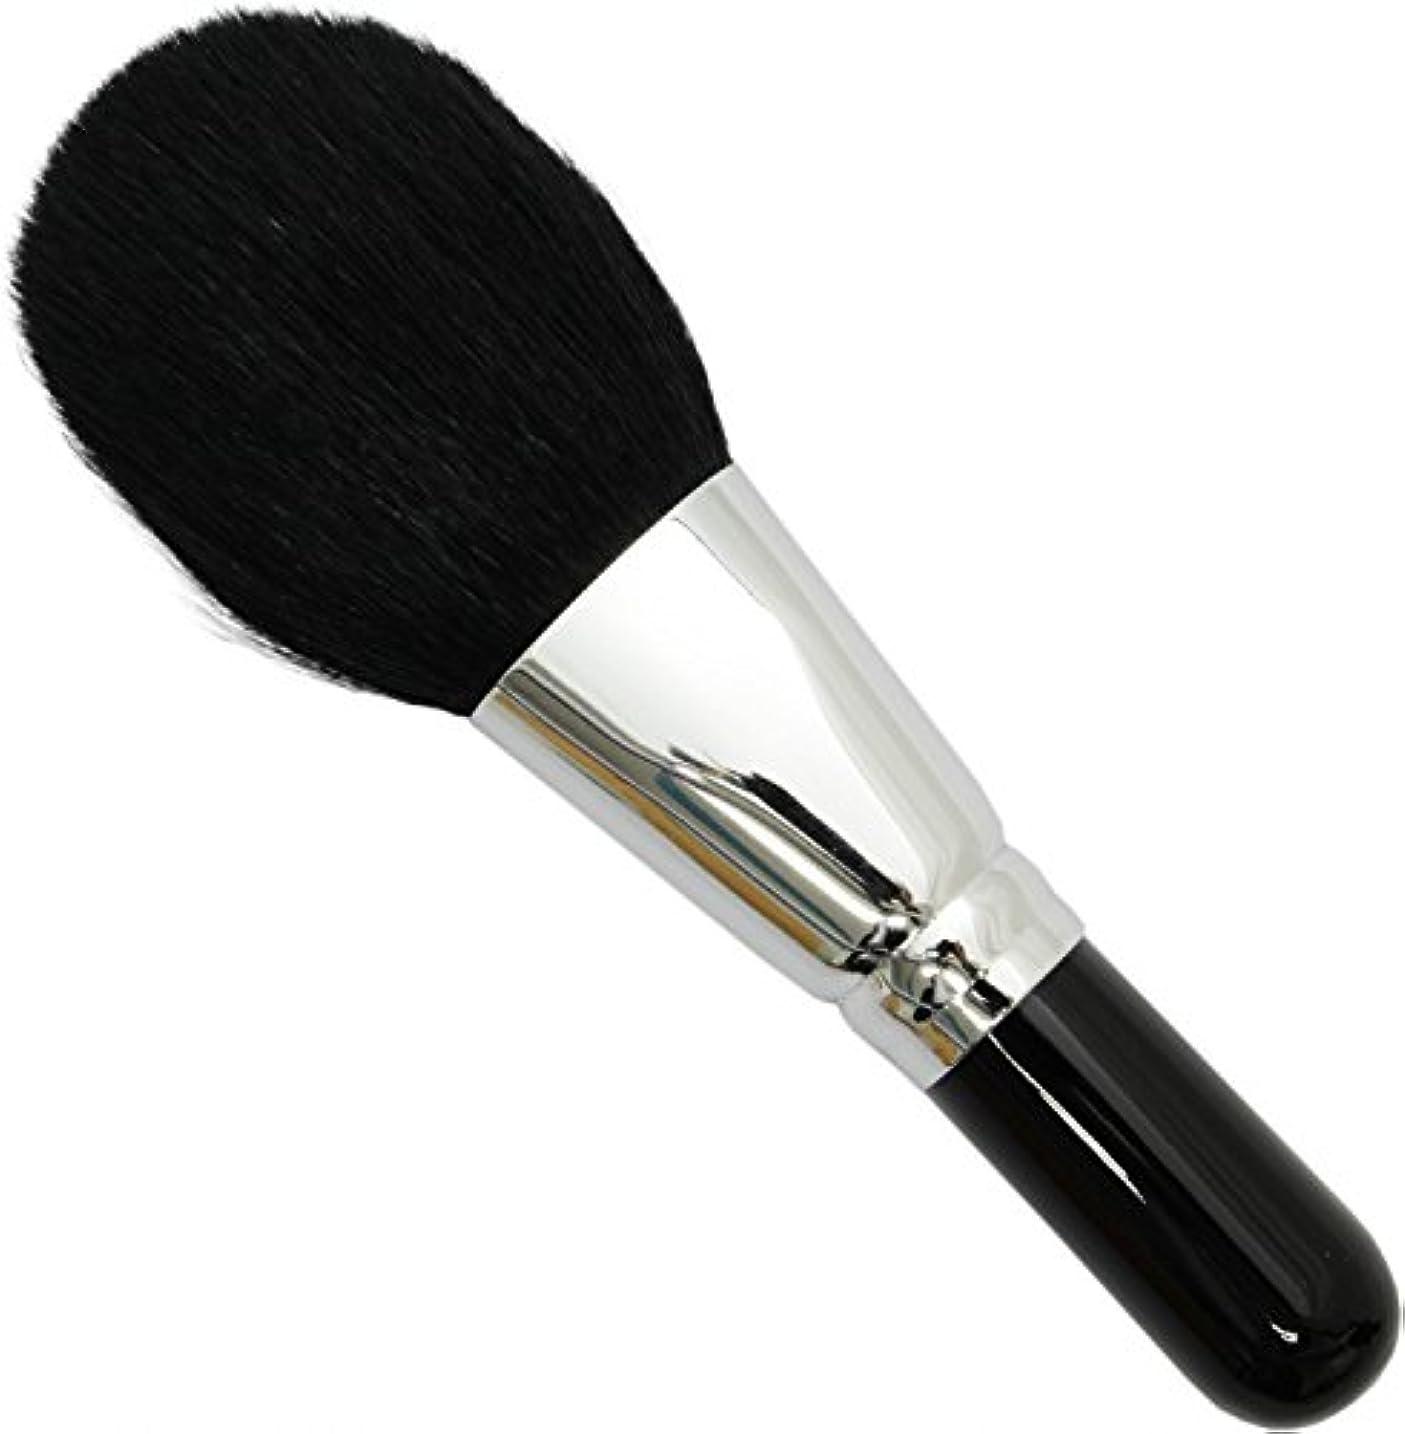 変成器アリススプレー熊野筆 メイクブラシ SRシリーズ フェイスブラシ 山羊毛